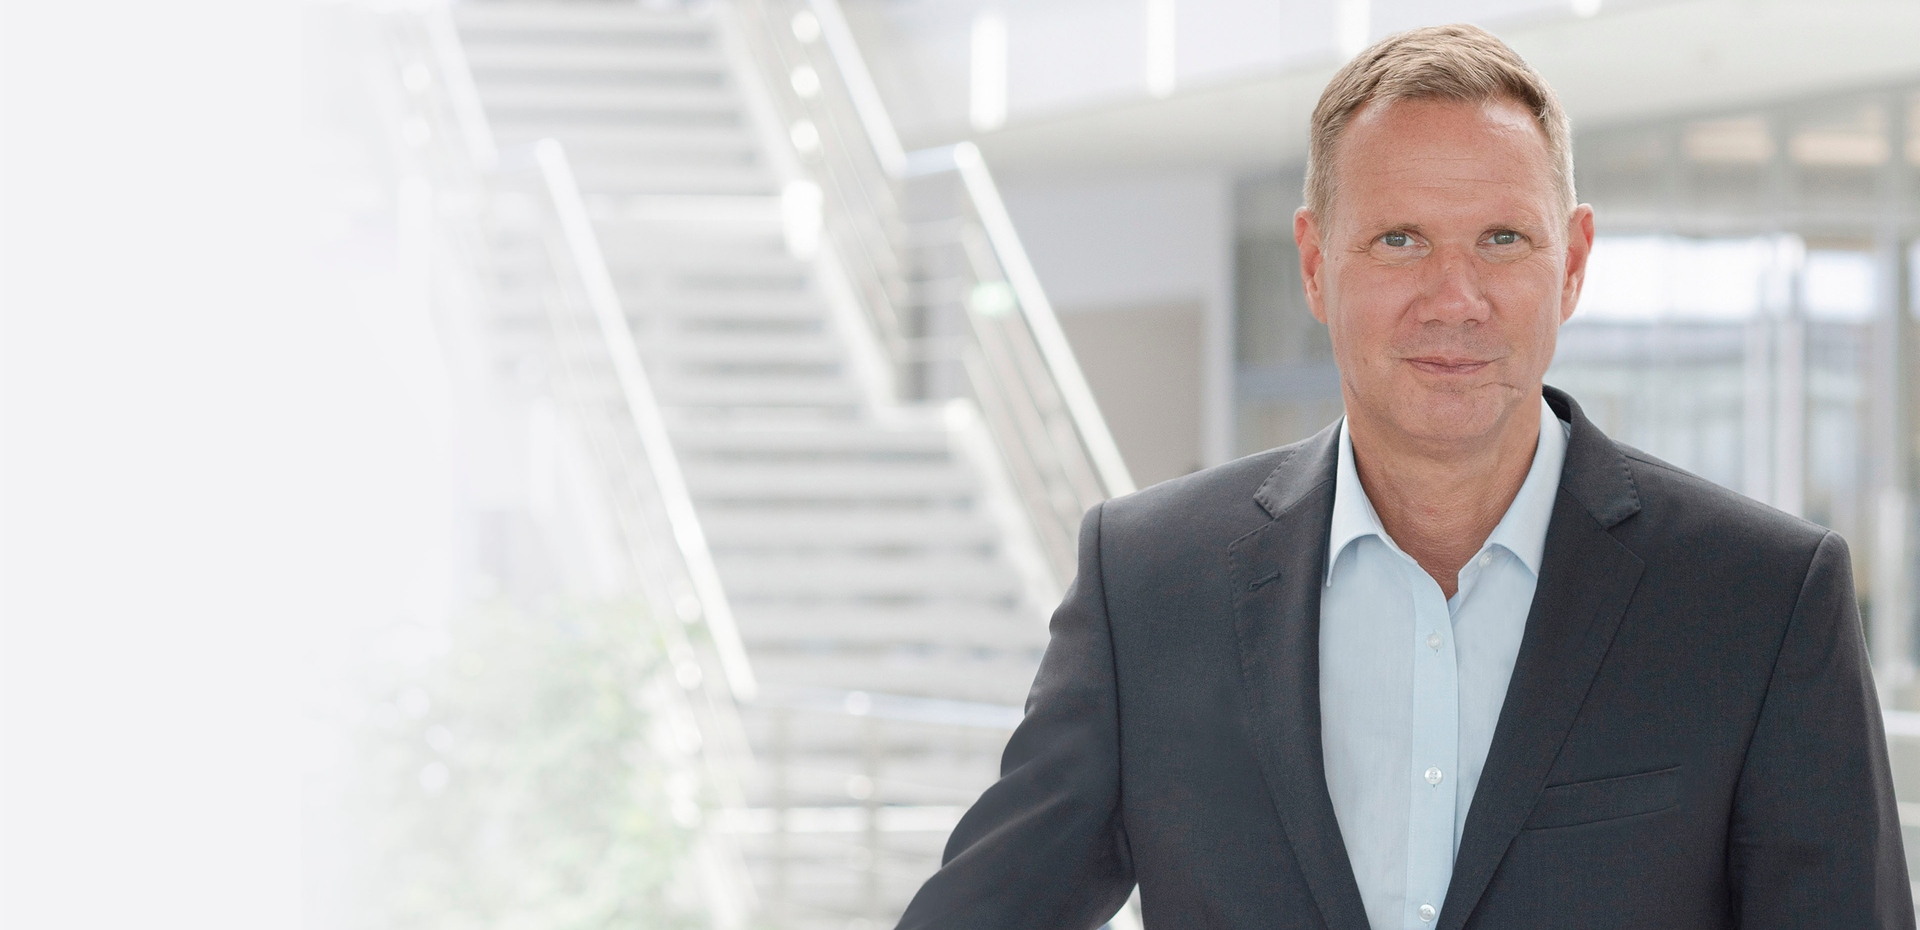 Ulrich Schrickel, Brose Fahrzeugteile